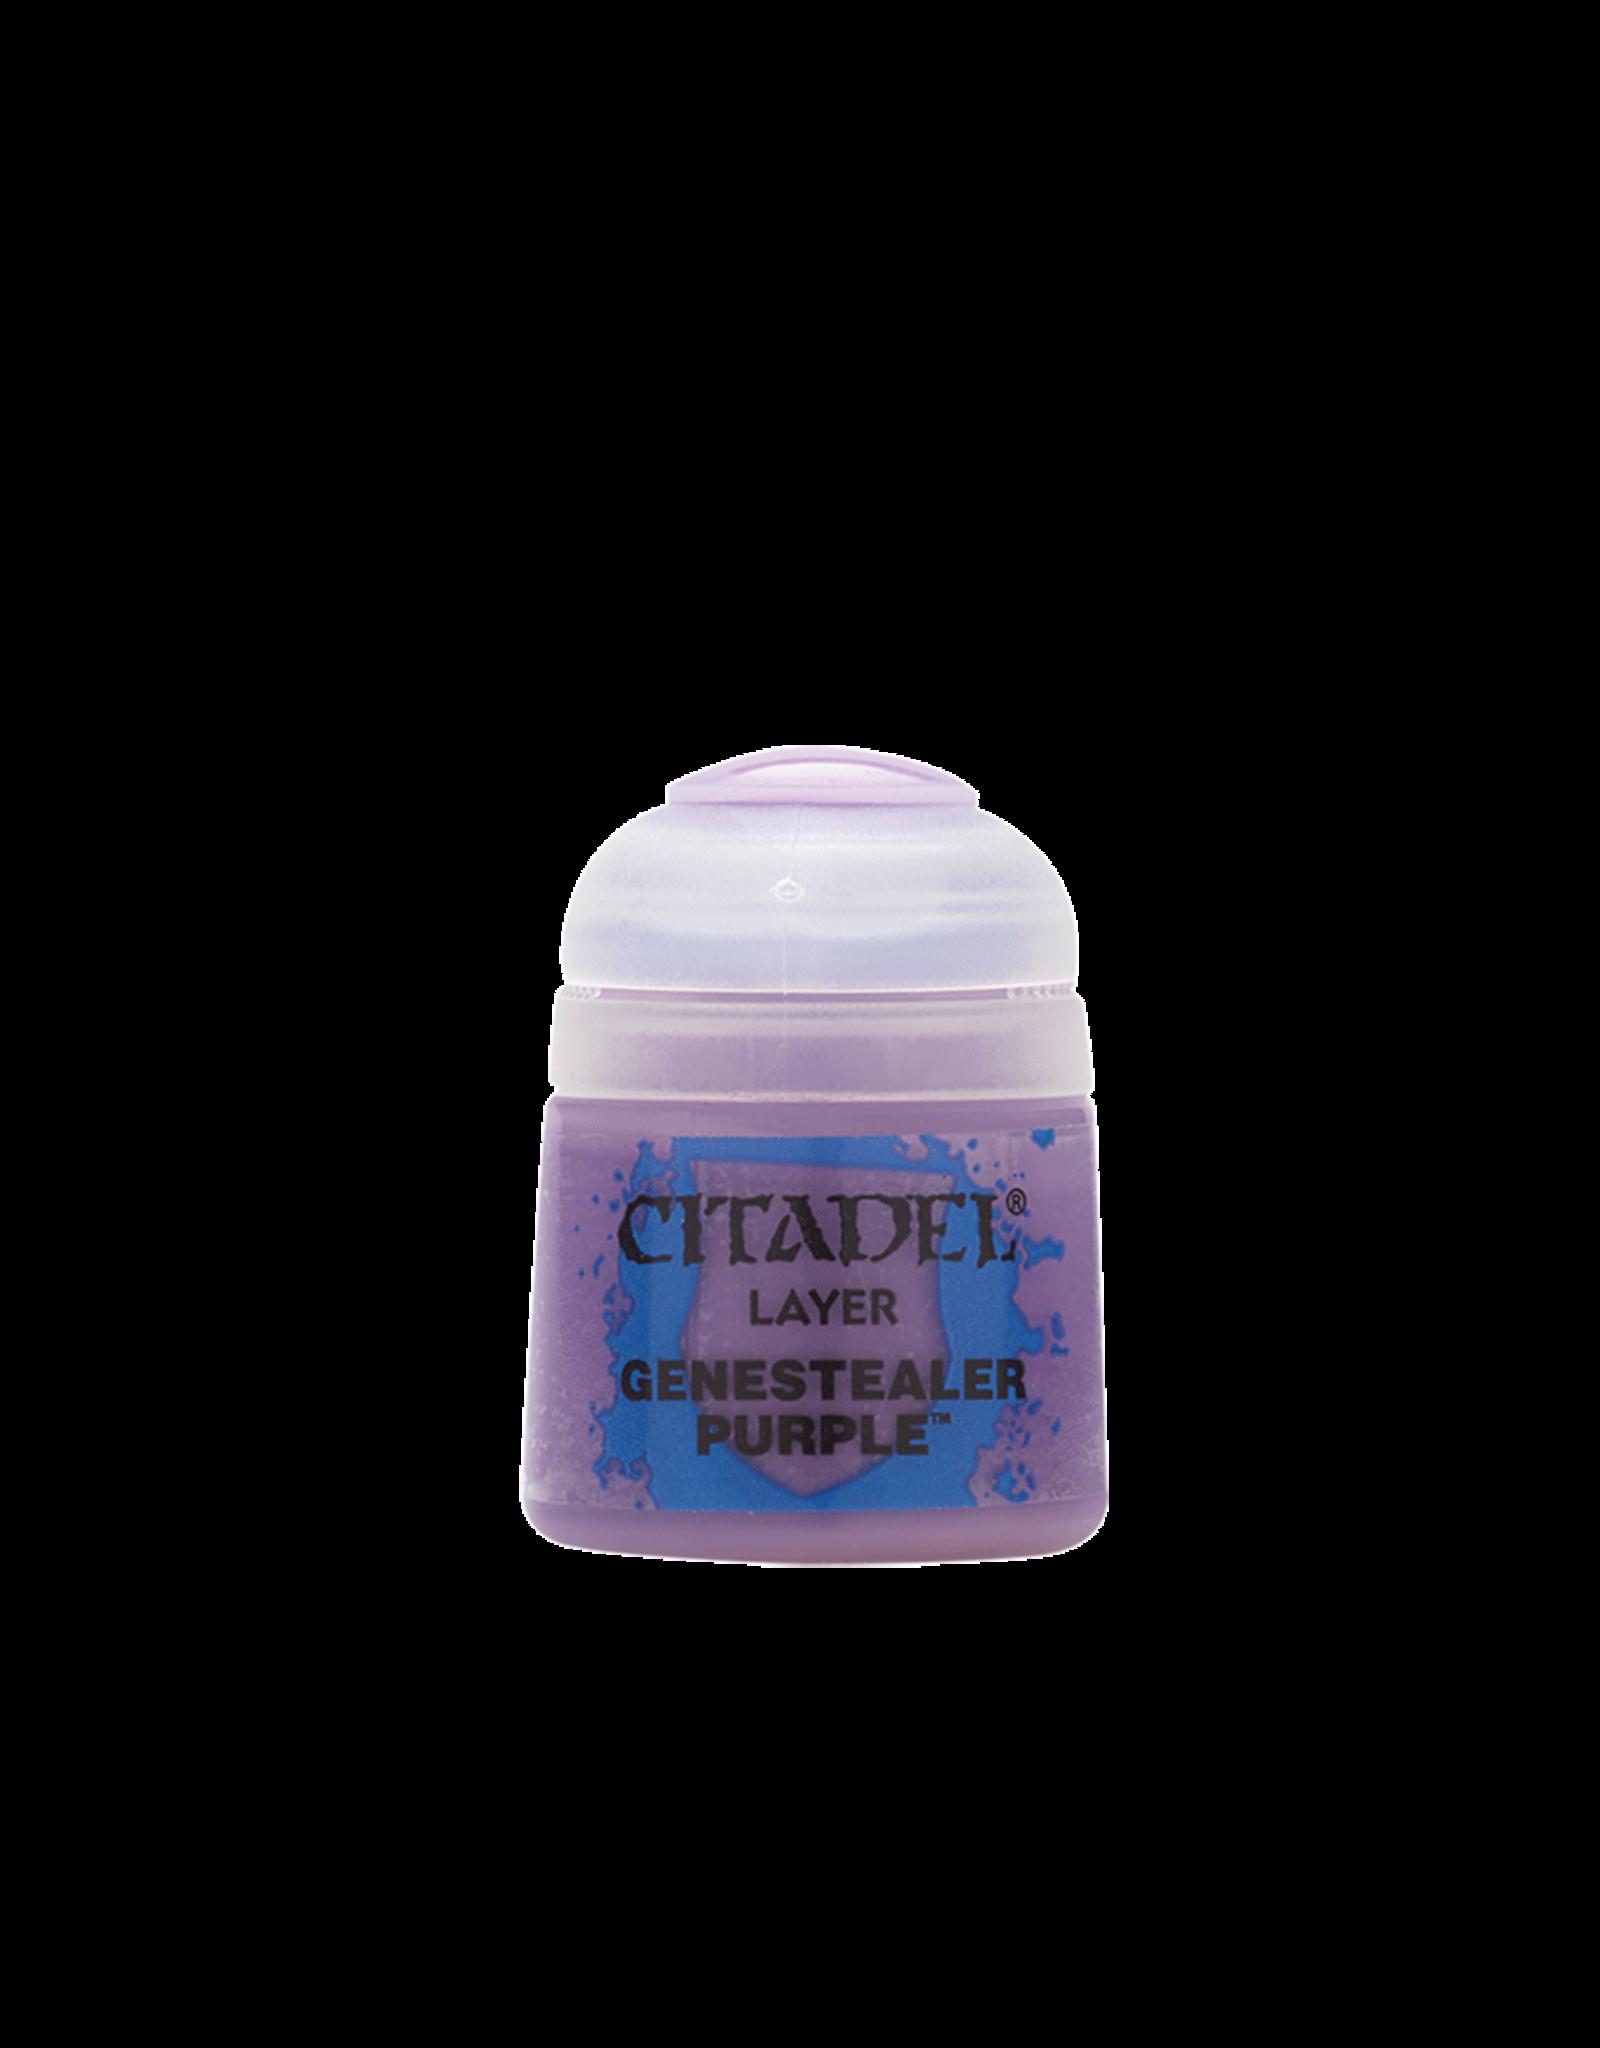 Citadel Citadel Paints: Layer - Genestealer Purple